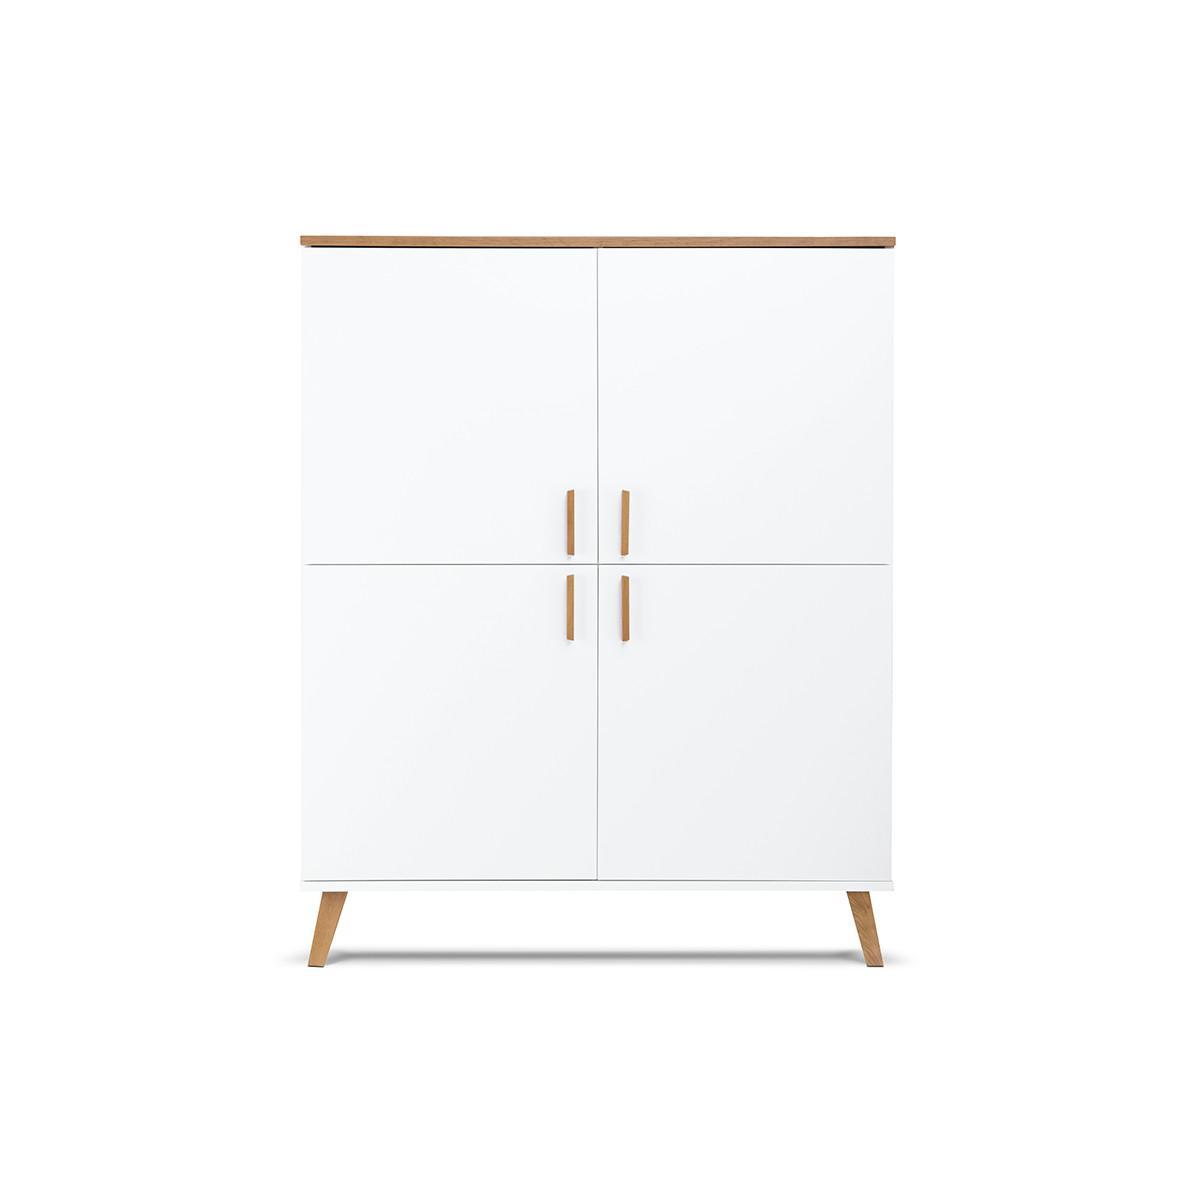 Hucoco FRILI   Armoire style scandinave chambre/entrée/salon   107x134x40 cm   4 portes + 8 compartiments de rangement   Design